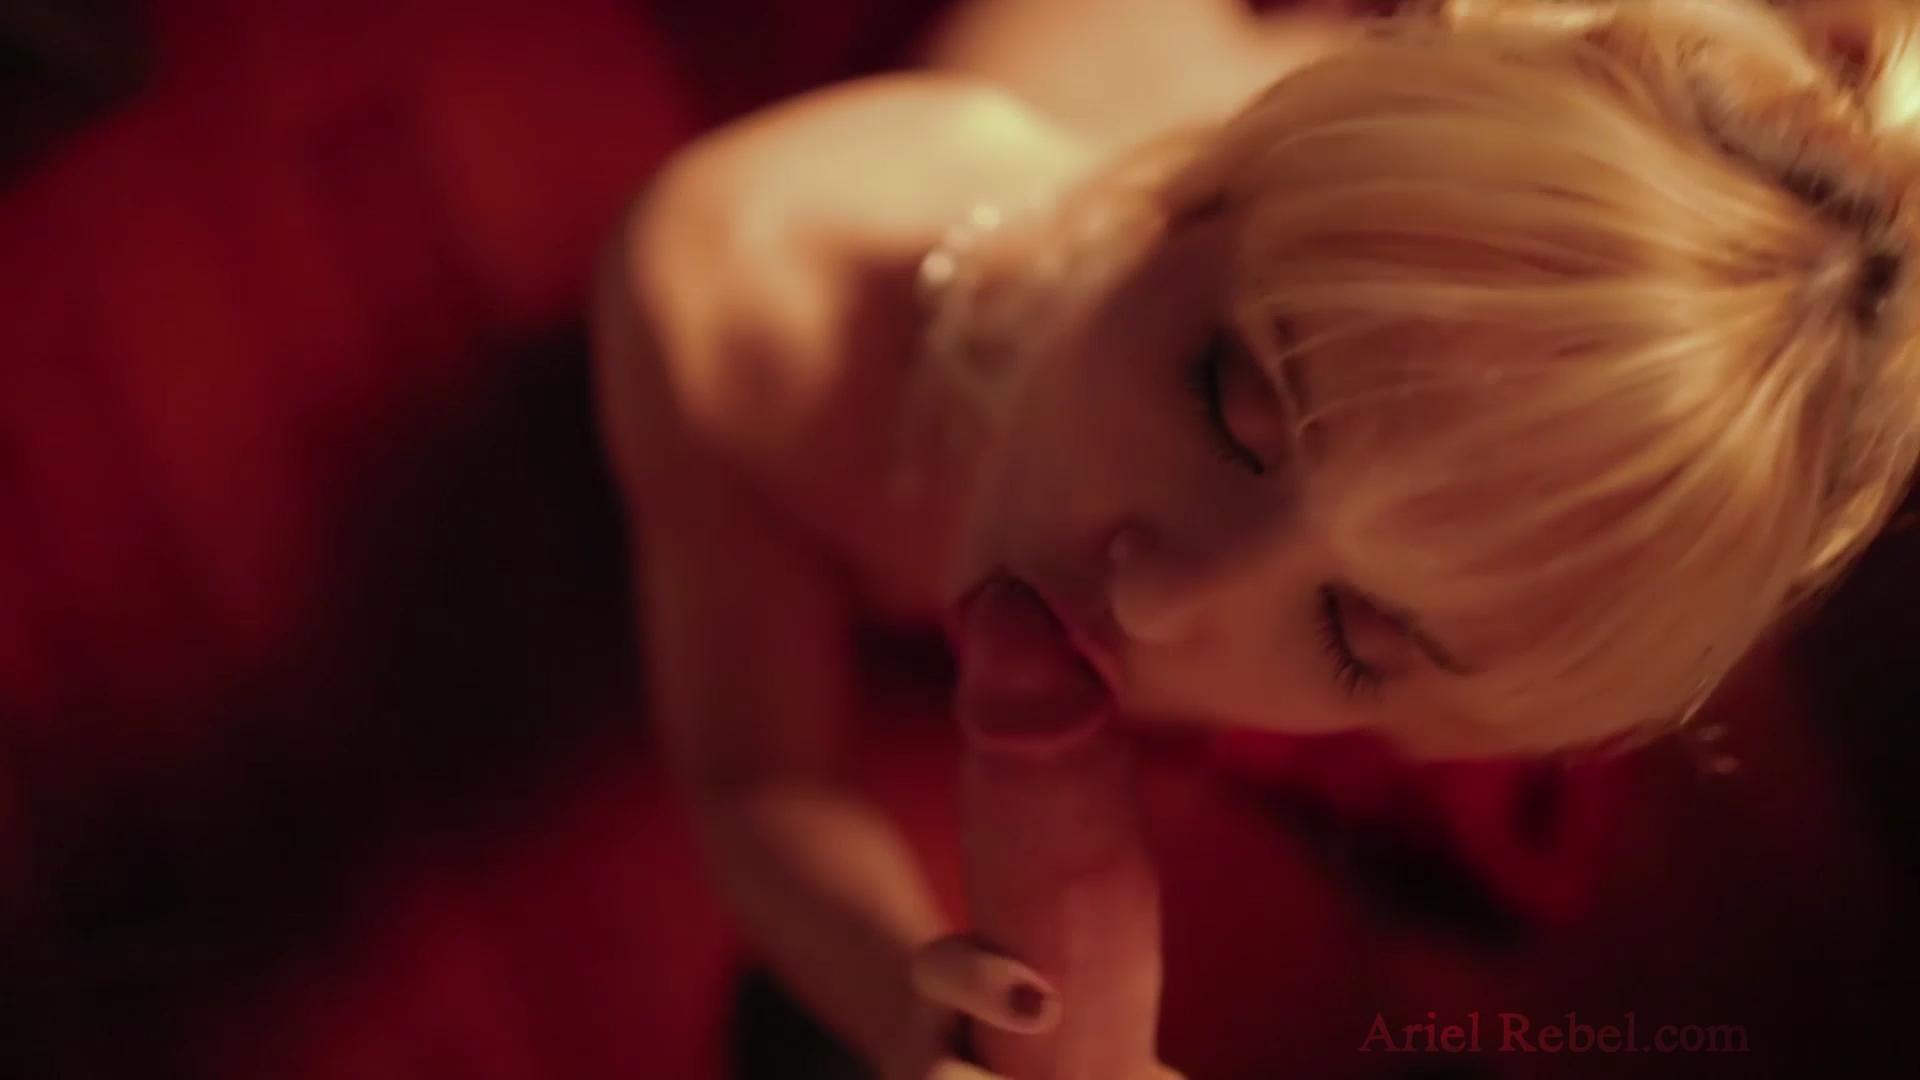 Секс с ariel rebel 1 фотография